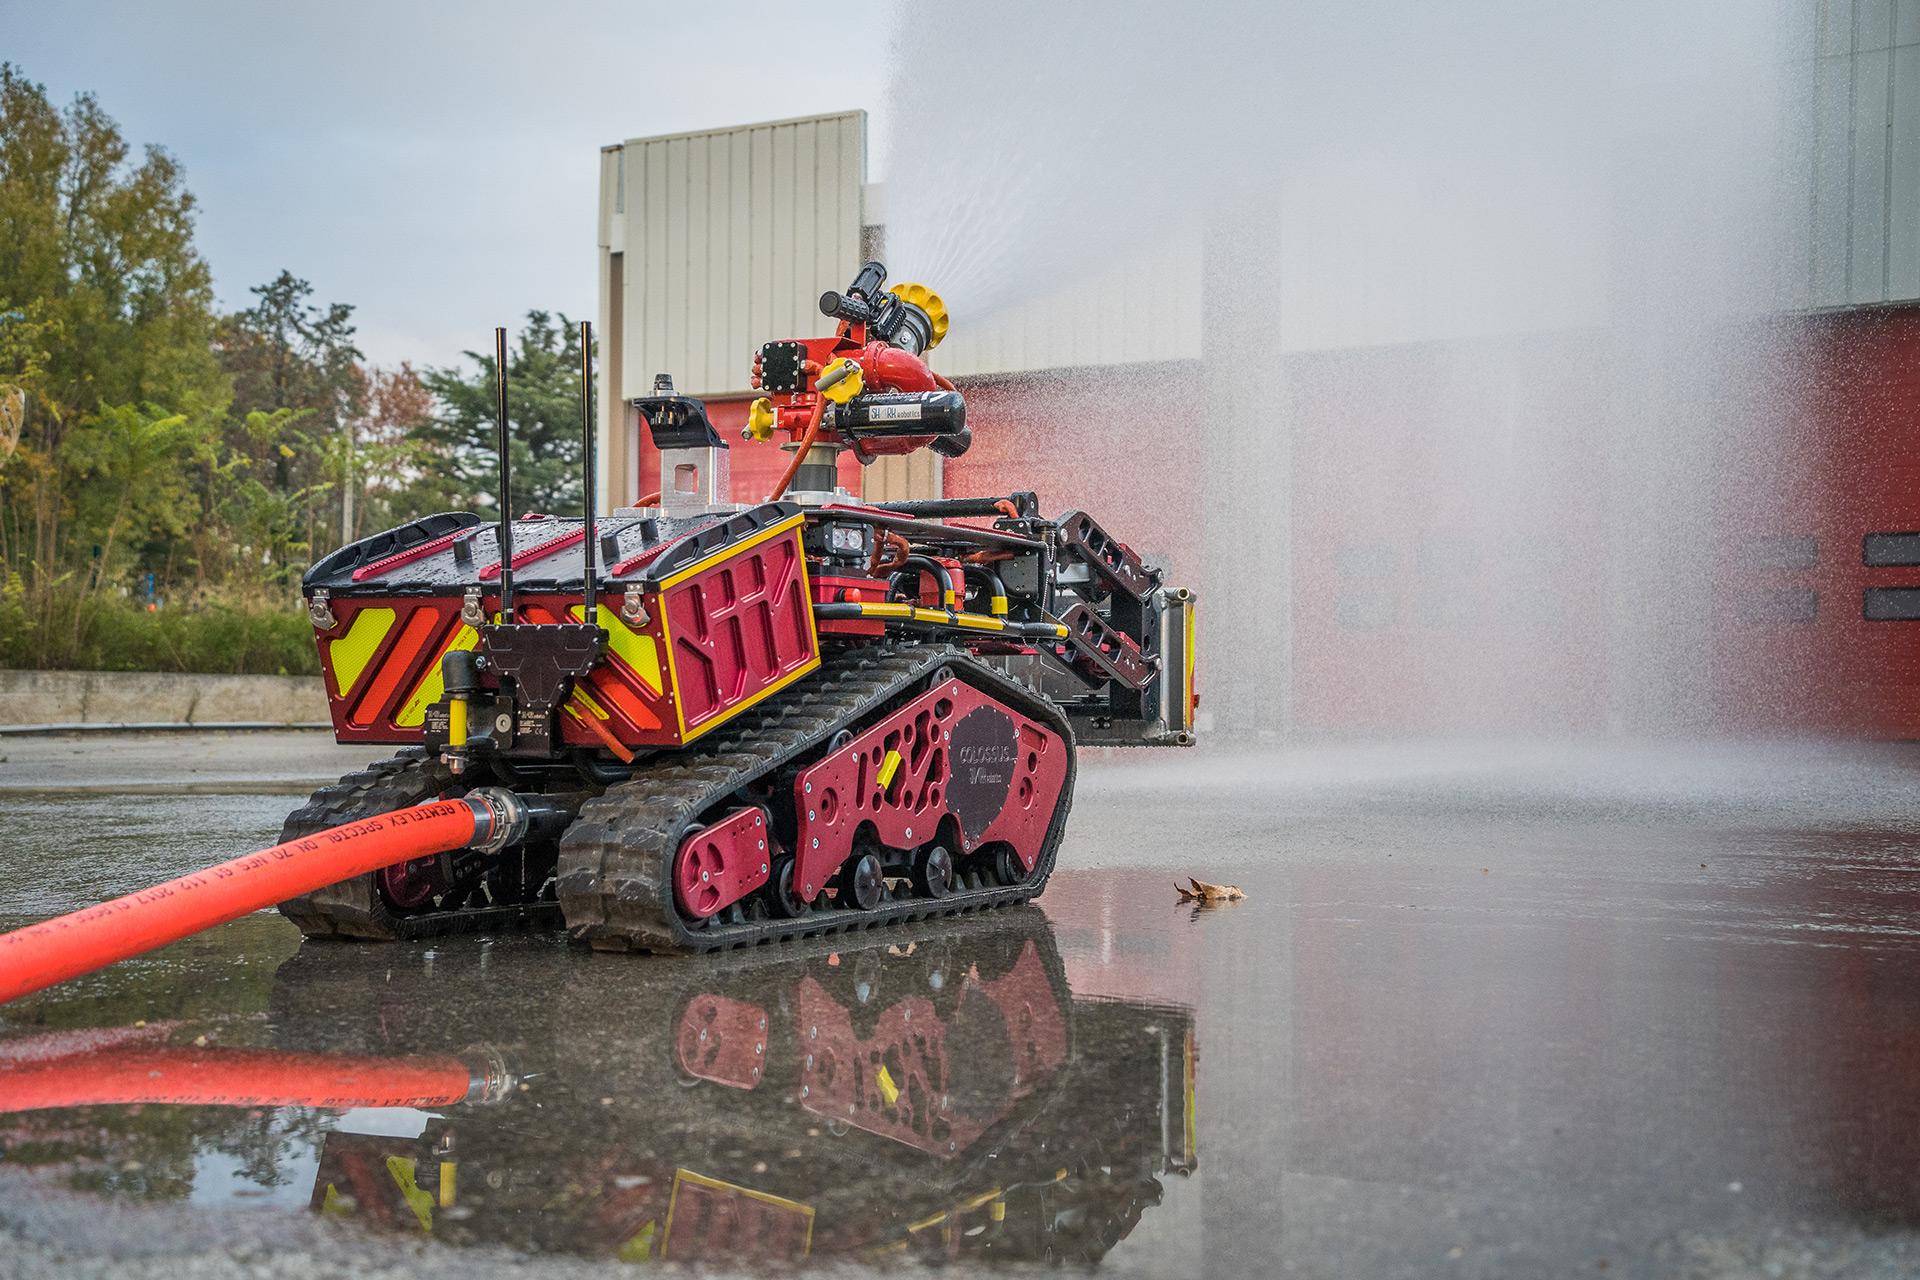 3.Pompiers13.fr-Nous connaitre-Specialites-Innovation-Robot